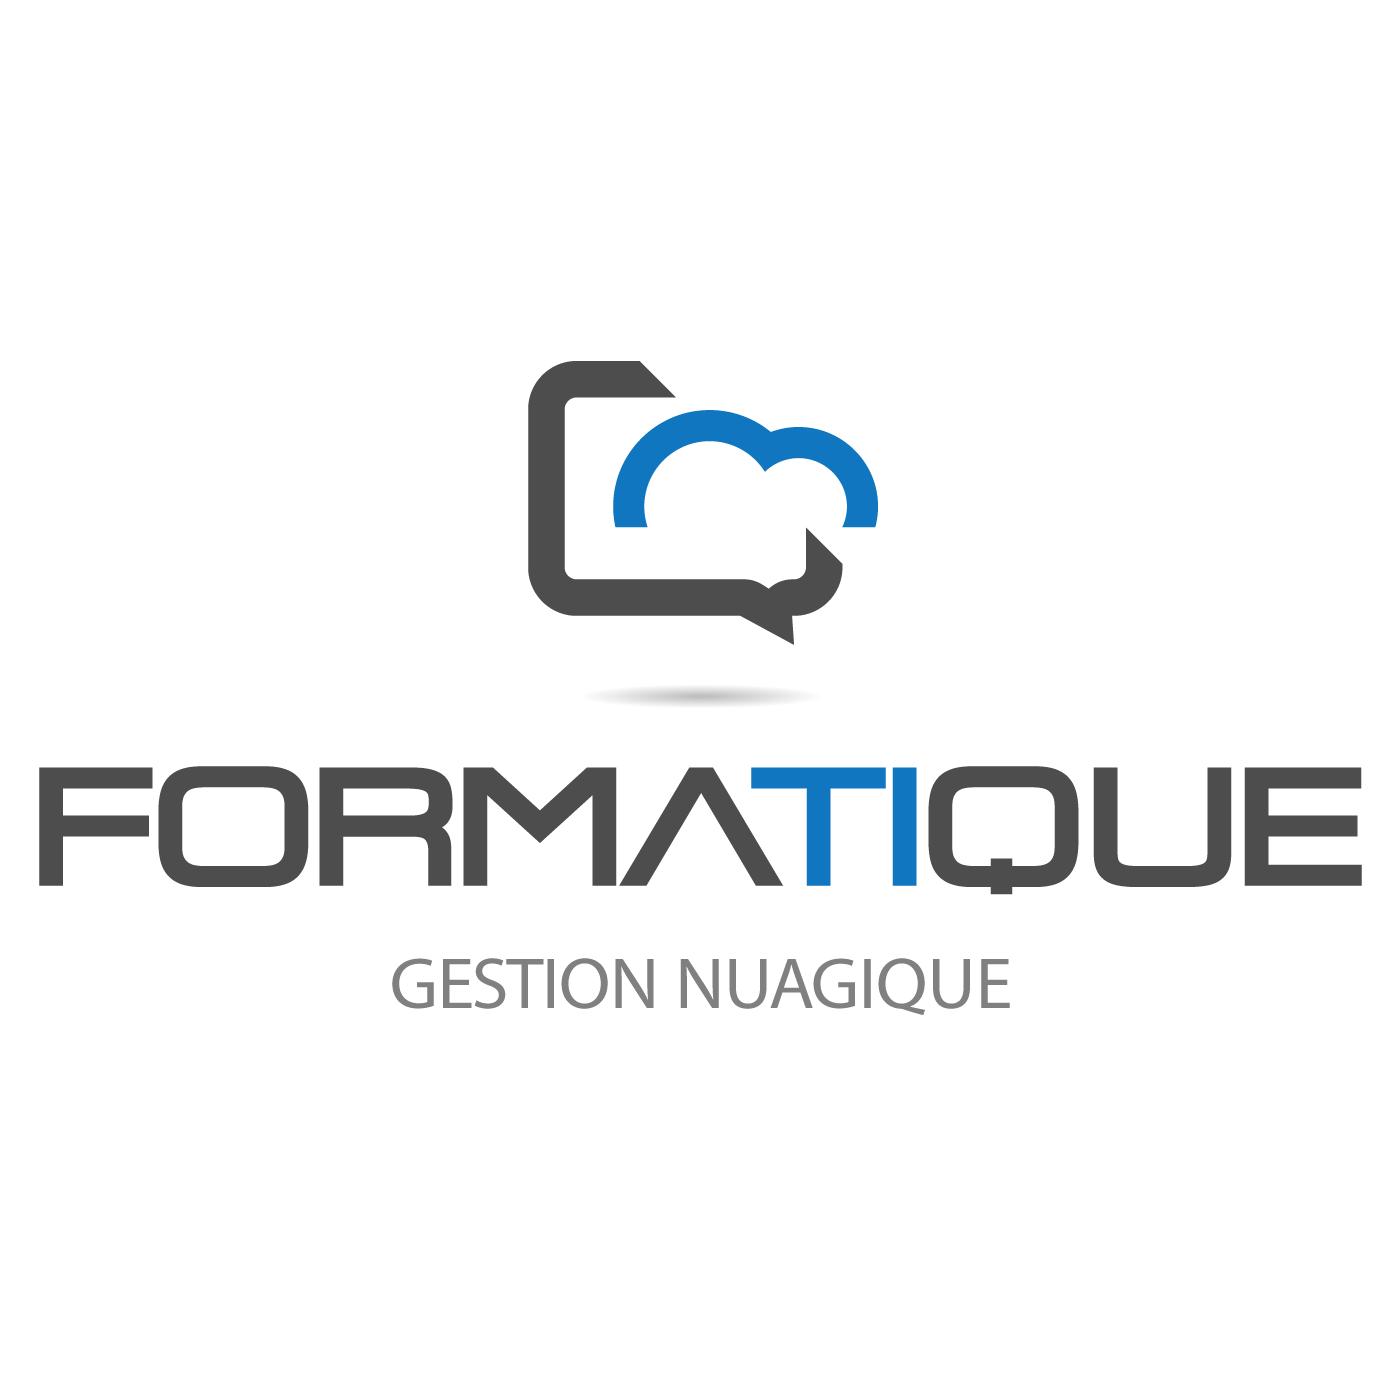 Formatique